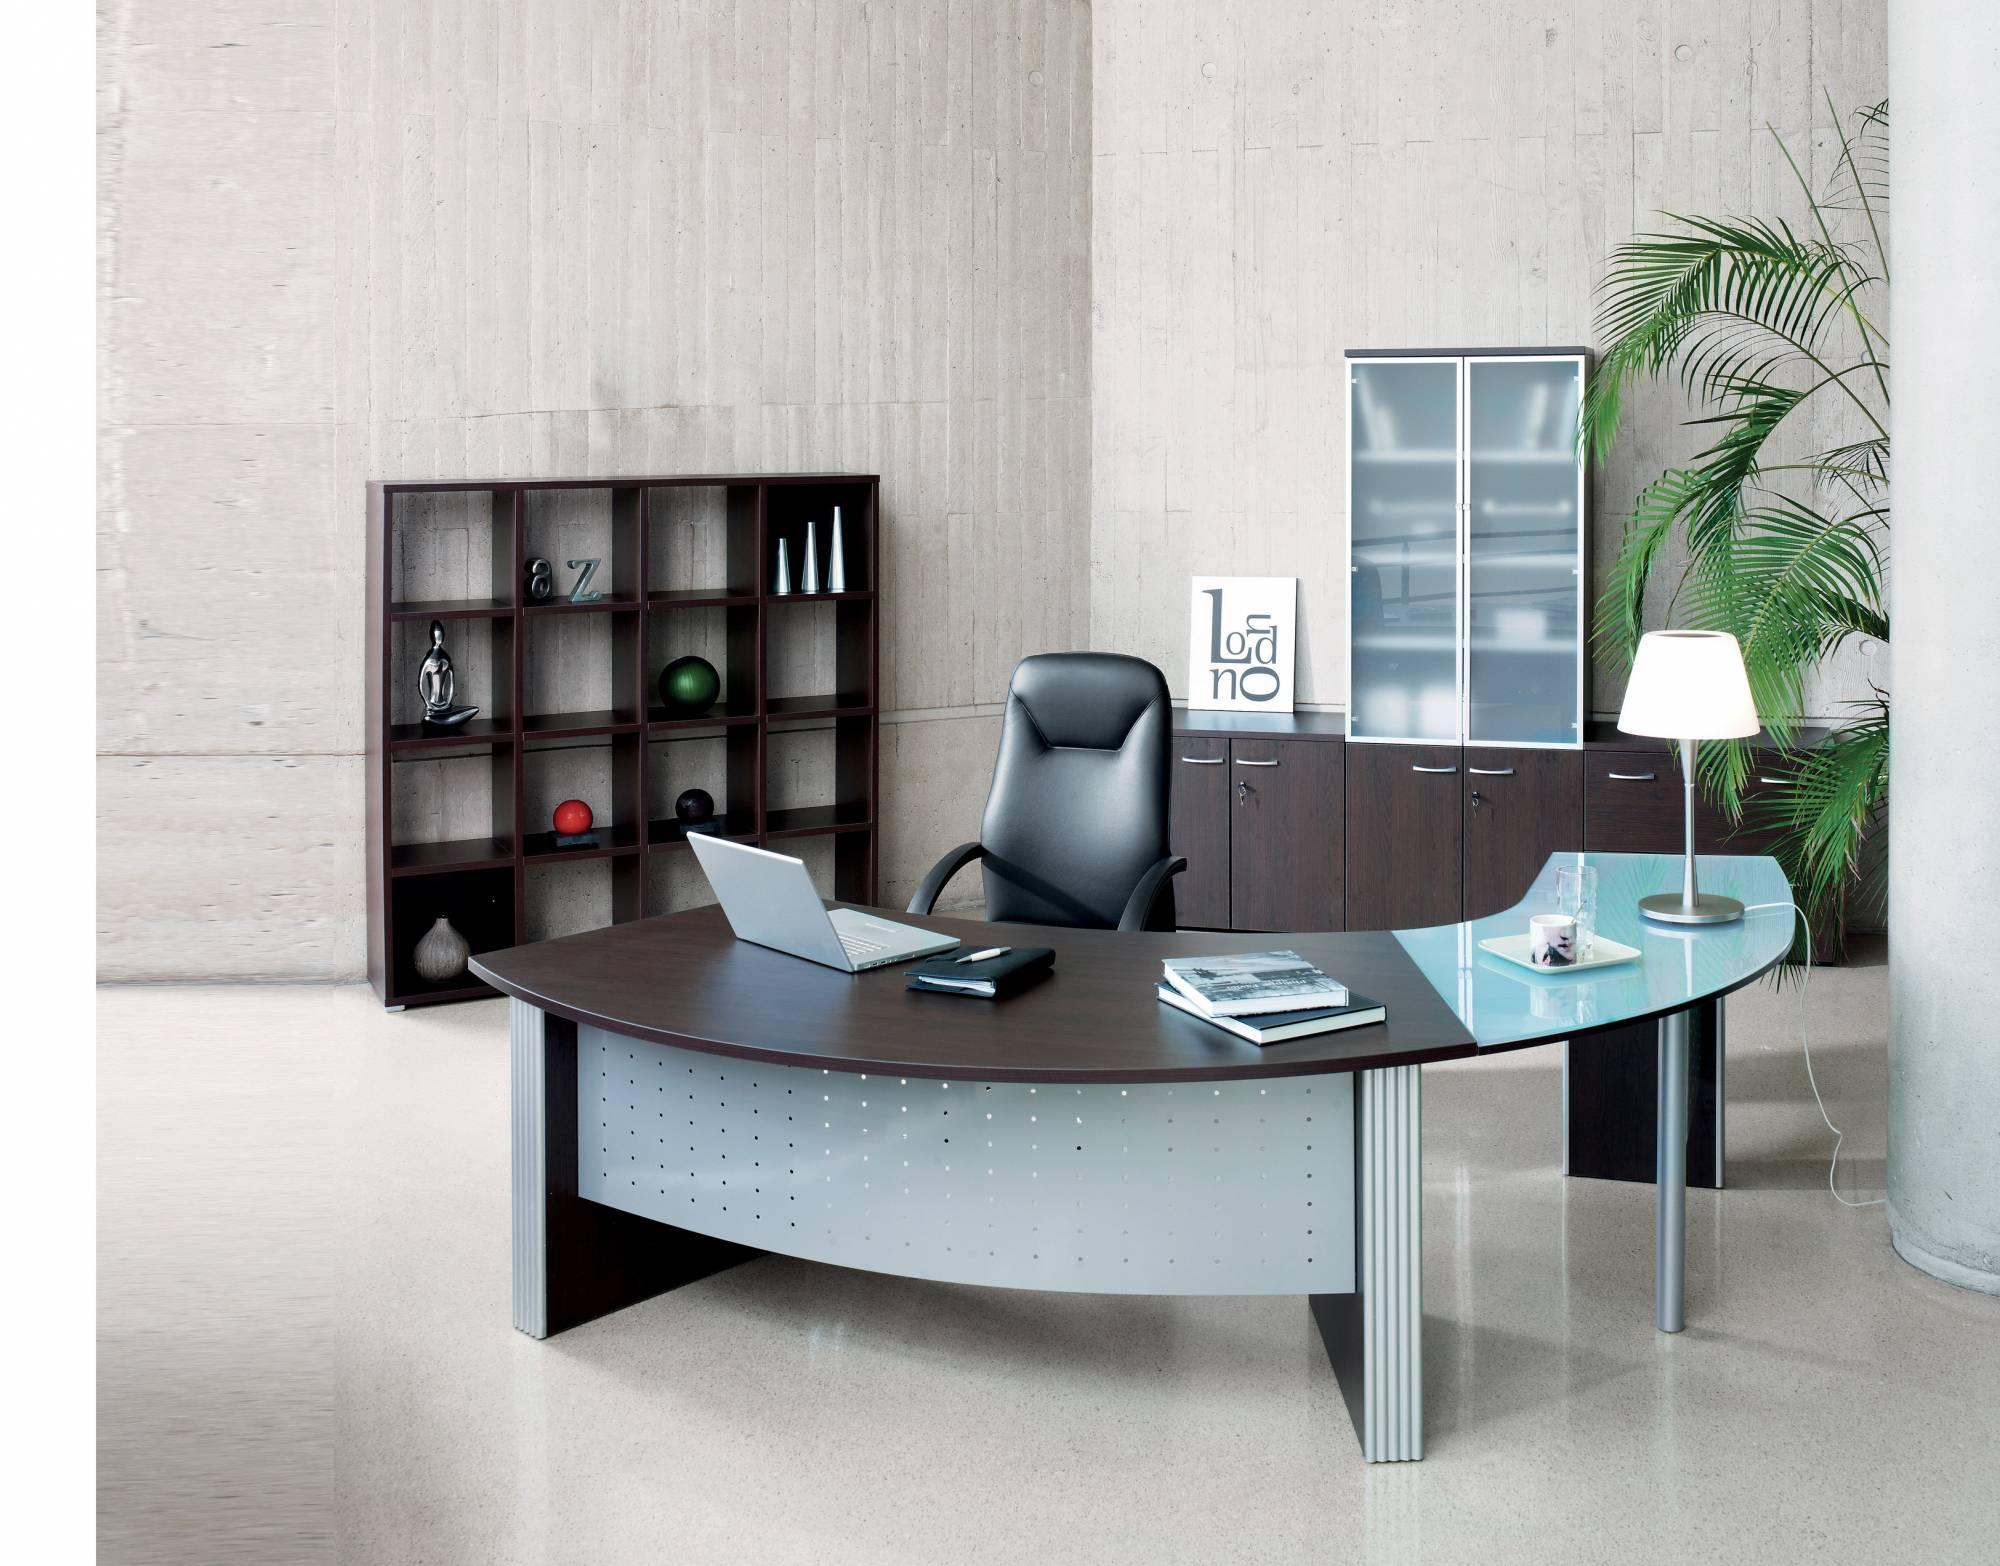 comment choisir ses meubles de bureau sans se ruiner a choisir. Black Bedroom Furniture Sets. Home Design Ideas